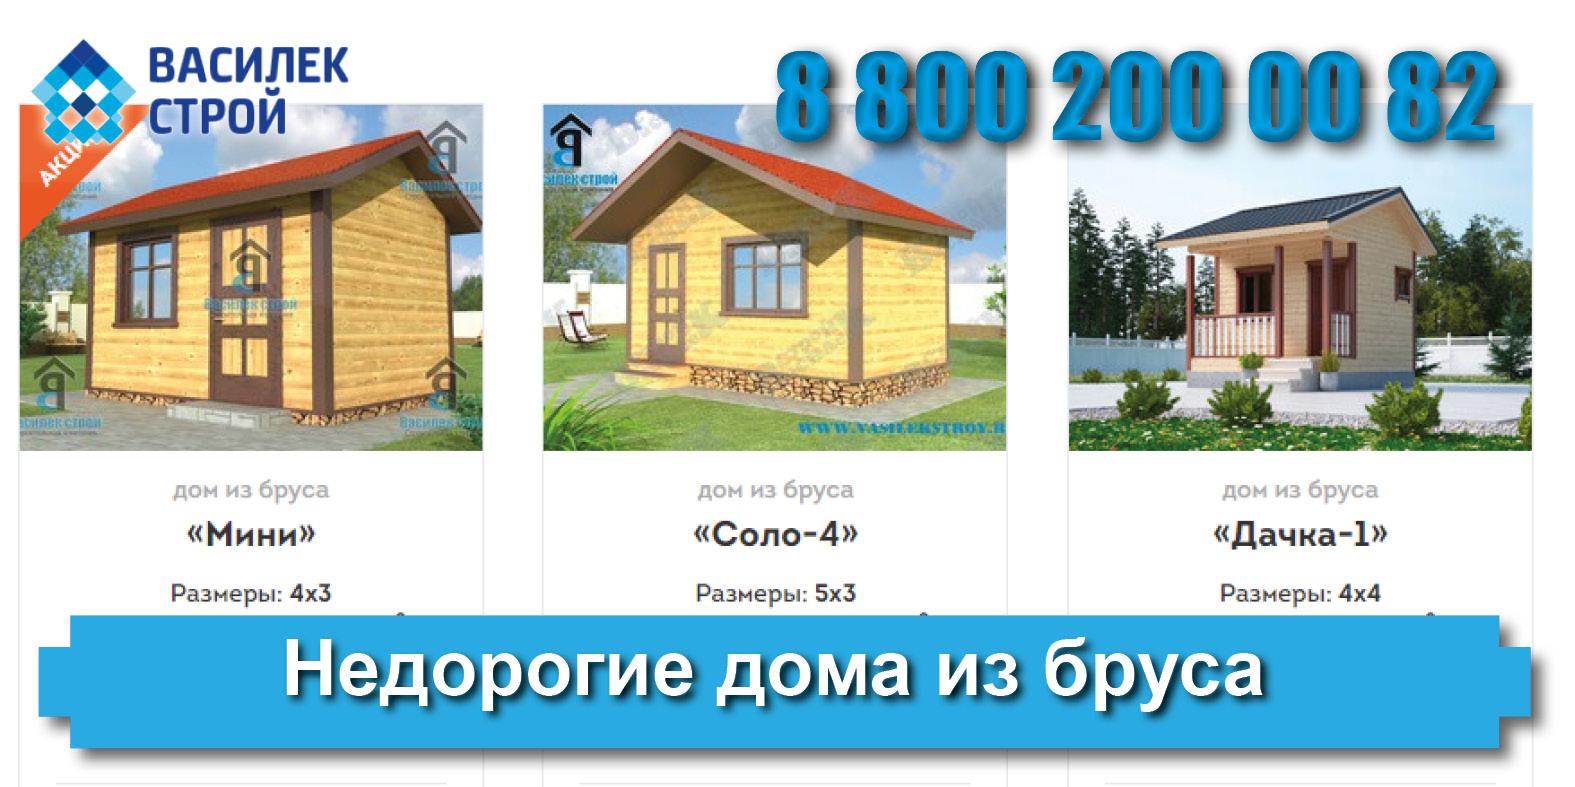 Быстрое строительство домов из профилированного бруса недорого и качественно